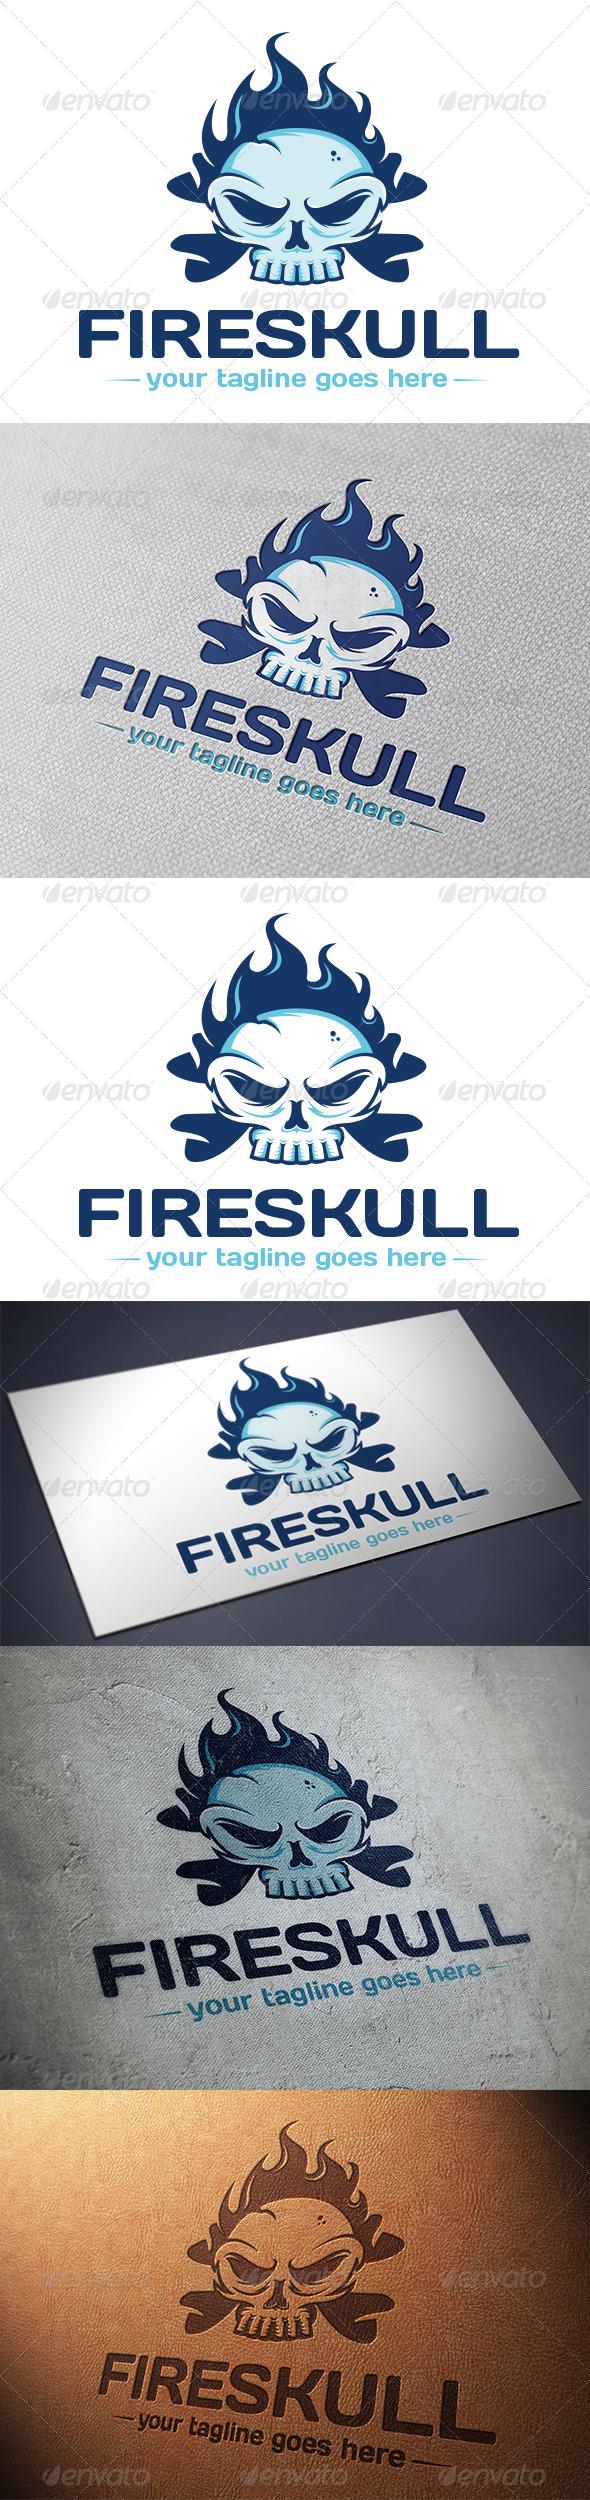 GraphicRiver Fire Skull Logo Template 5739509